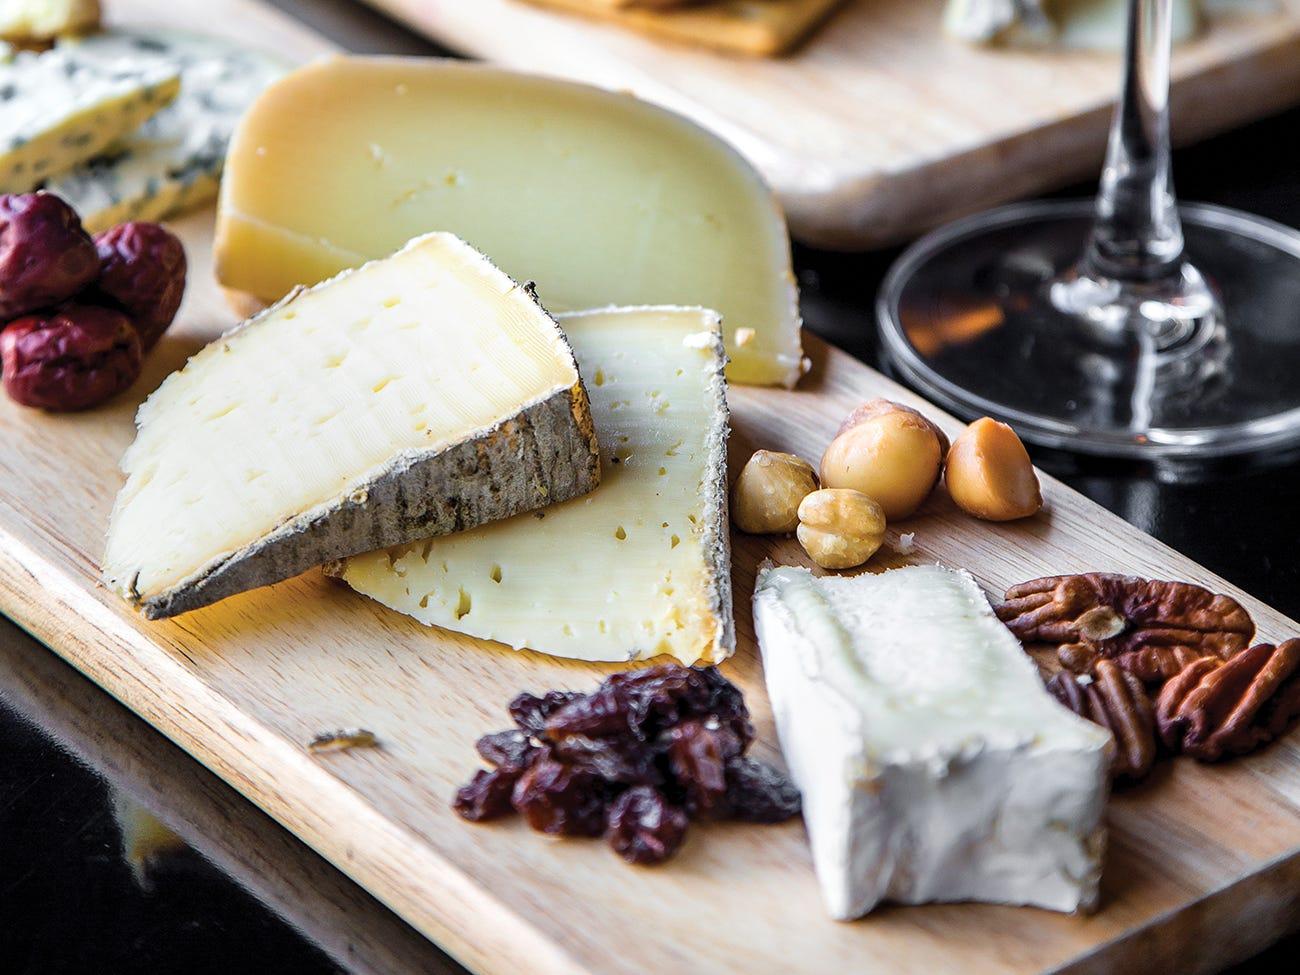 Plateau de fromages variés avec noix et fruits secs